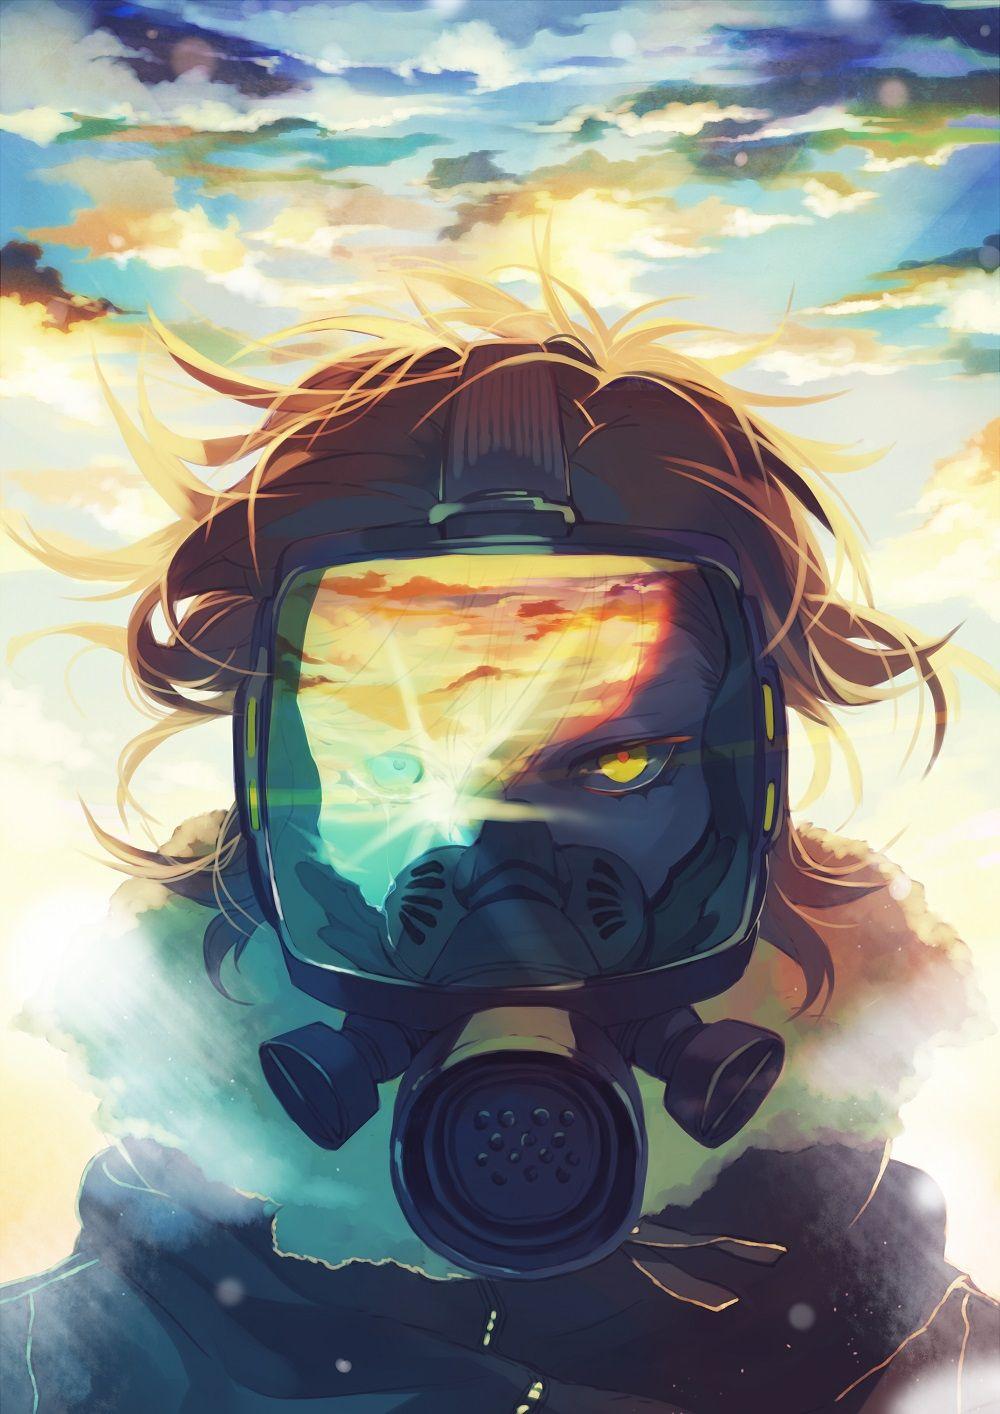 Anime Art. Dibujos, Imagenes kawaii, Imagenes animadas